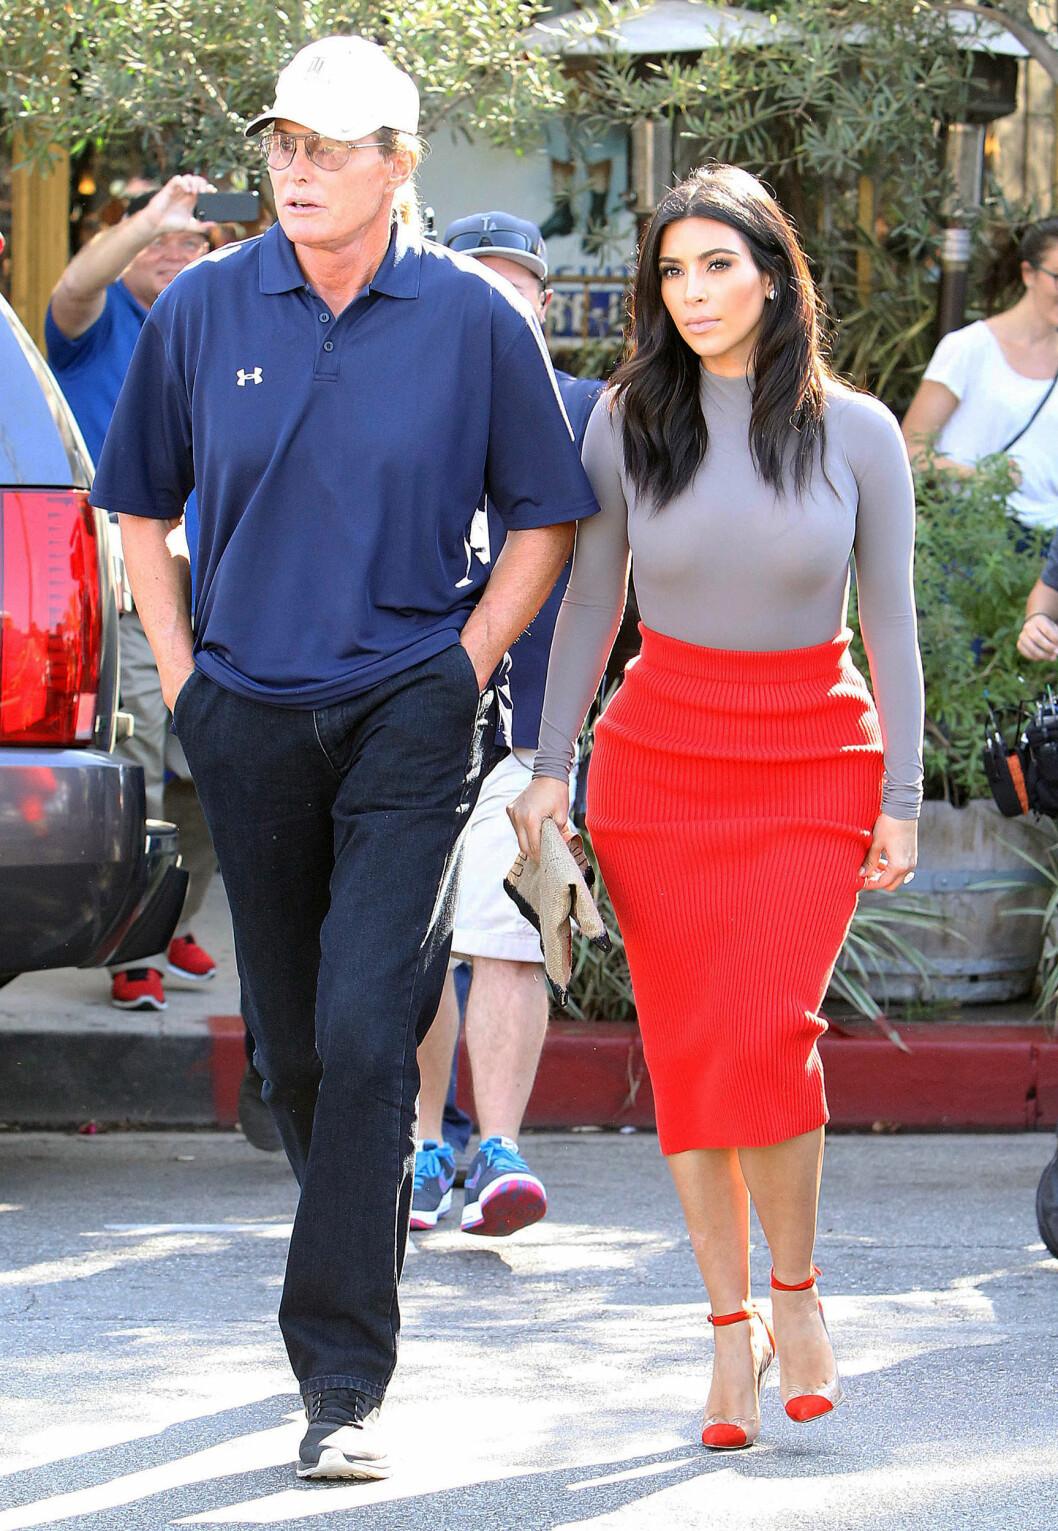 GOD KONTAKT: Bruce Jenner er Kim Kardashians stefar. Han skilte lag med Kris Jenner i fjor etter 23 år sammen.  Foto: NTB Scanpix